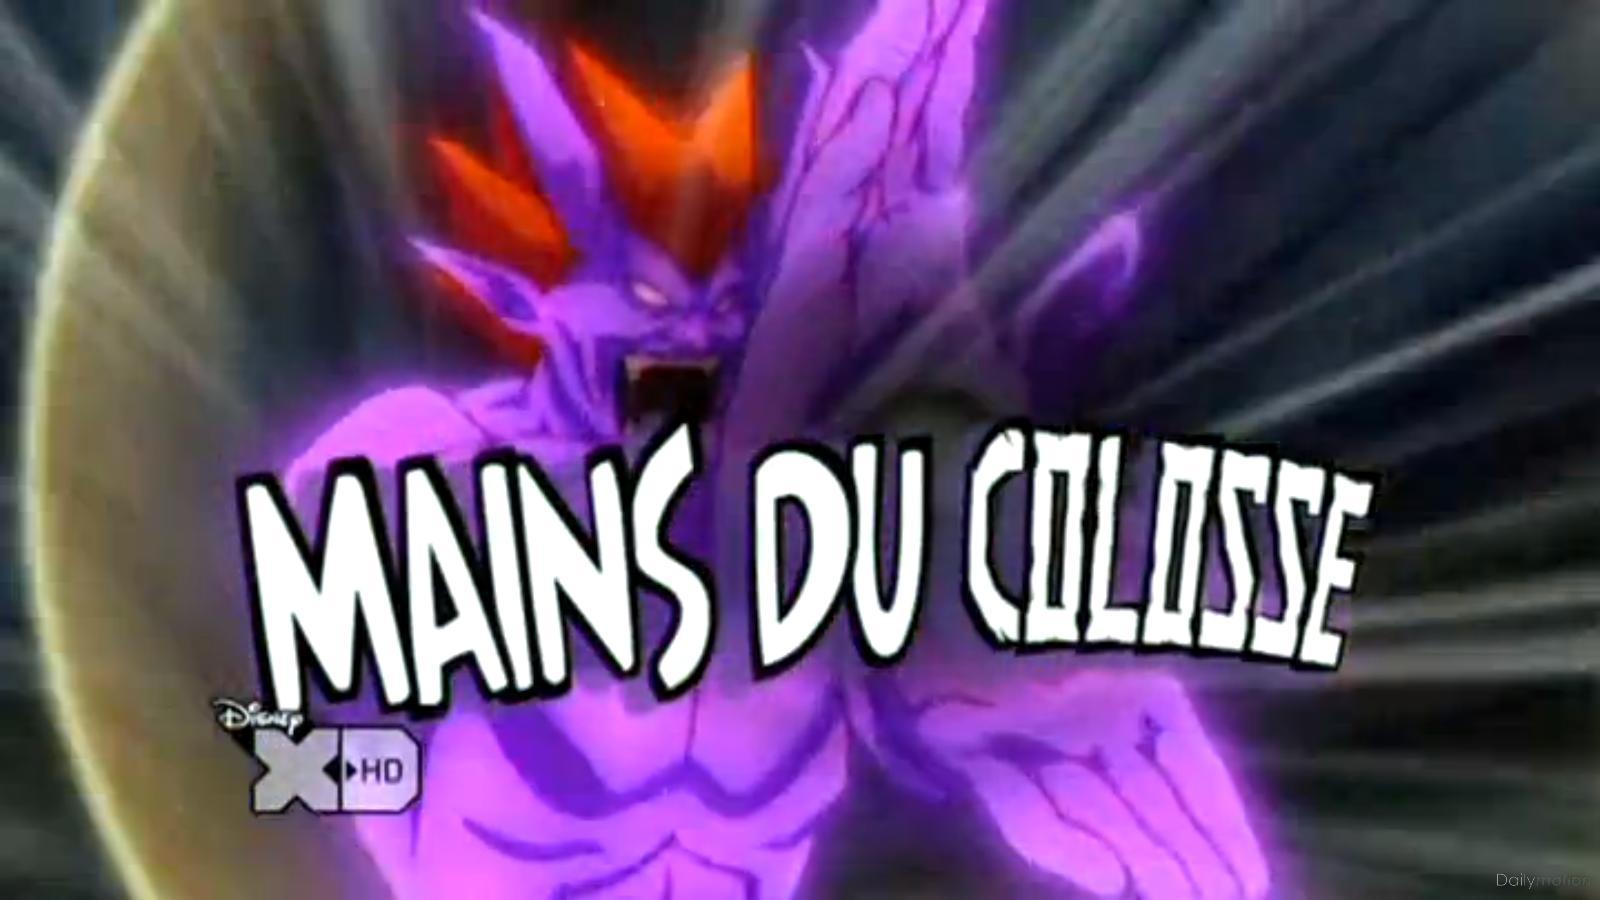 Mains du Colosse